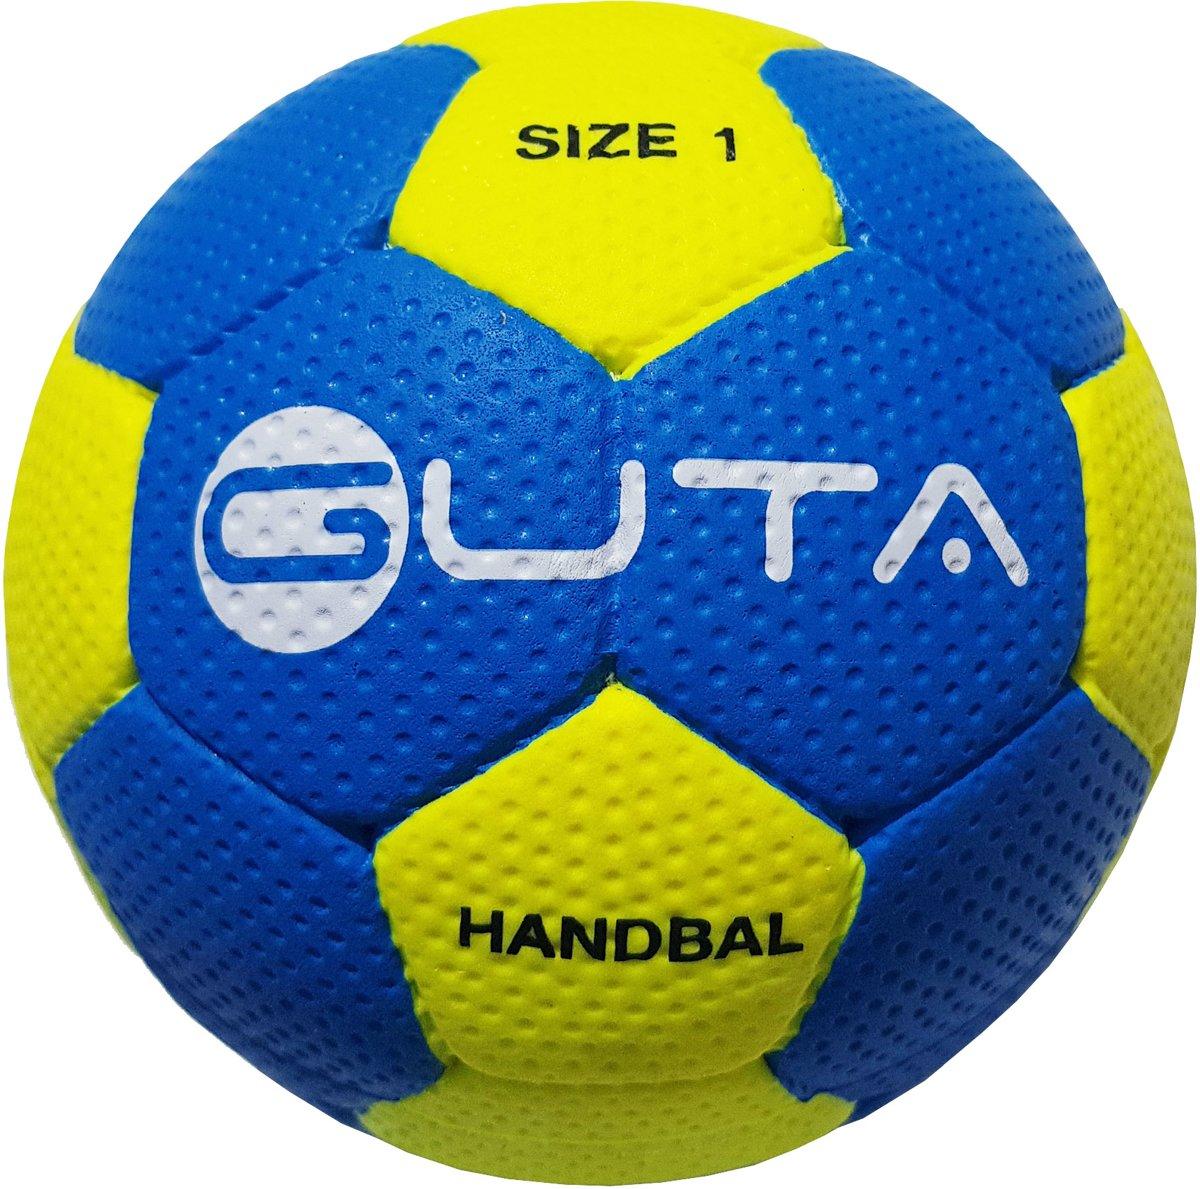 Zaal | Straat Handbal Guta Maat 1 Geel / Blauw kopen